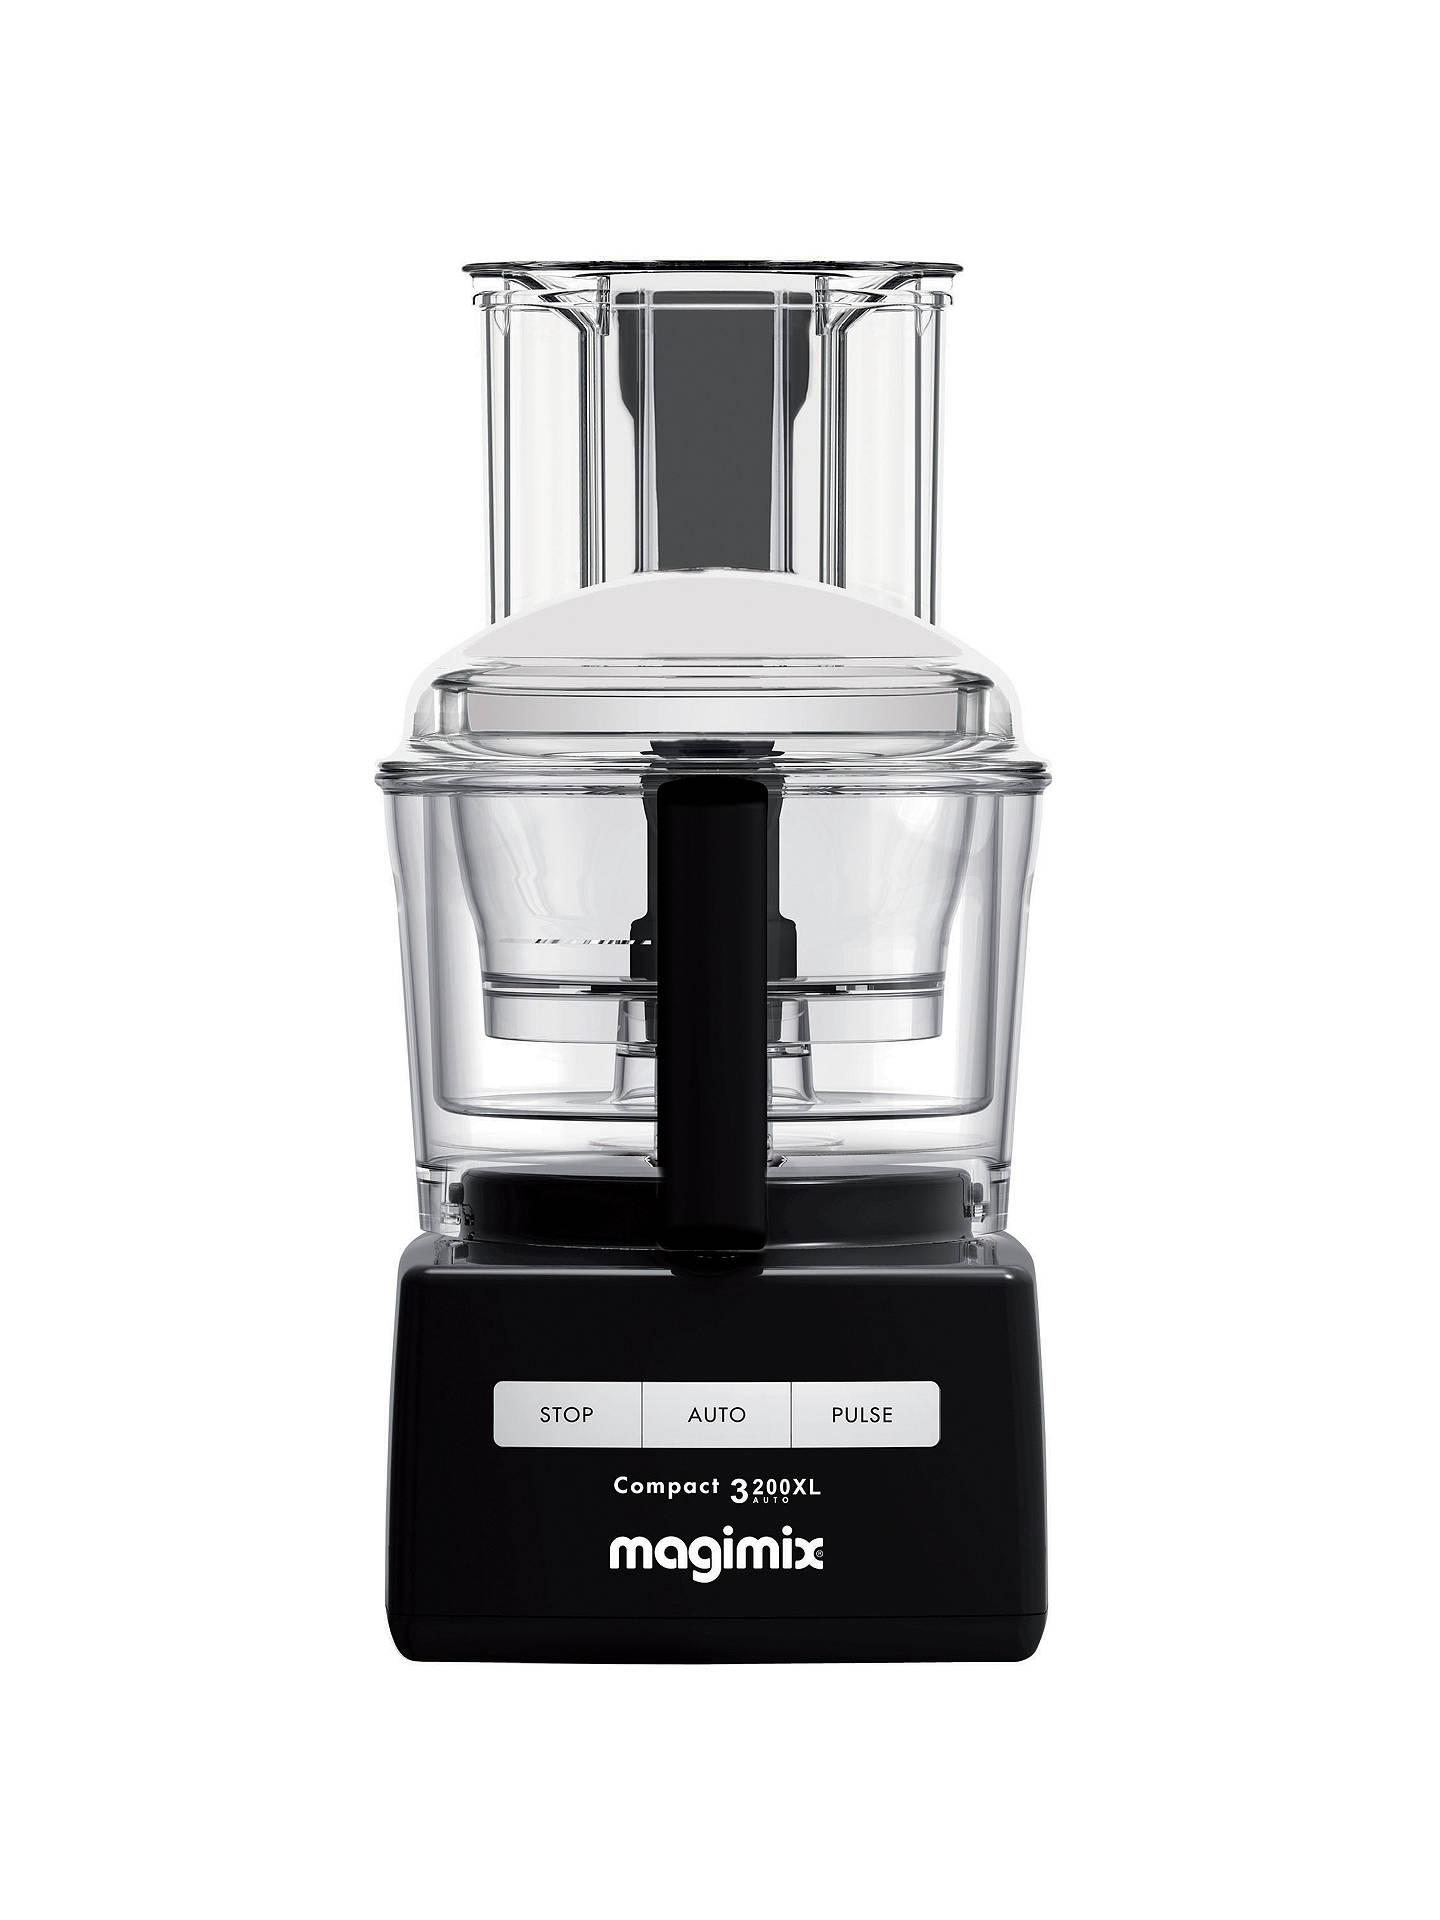 magimix 3200xl blendermix food processor at john lewis. Black Bedroom Furniture Sets. Home Design Ideas